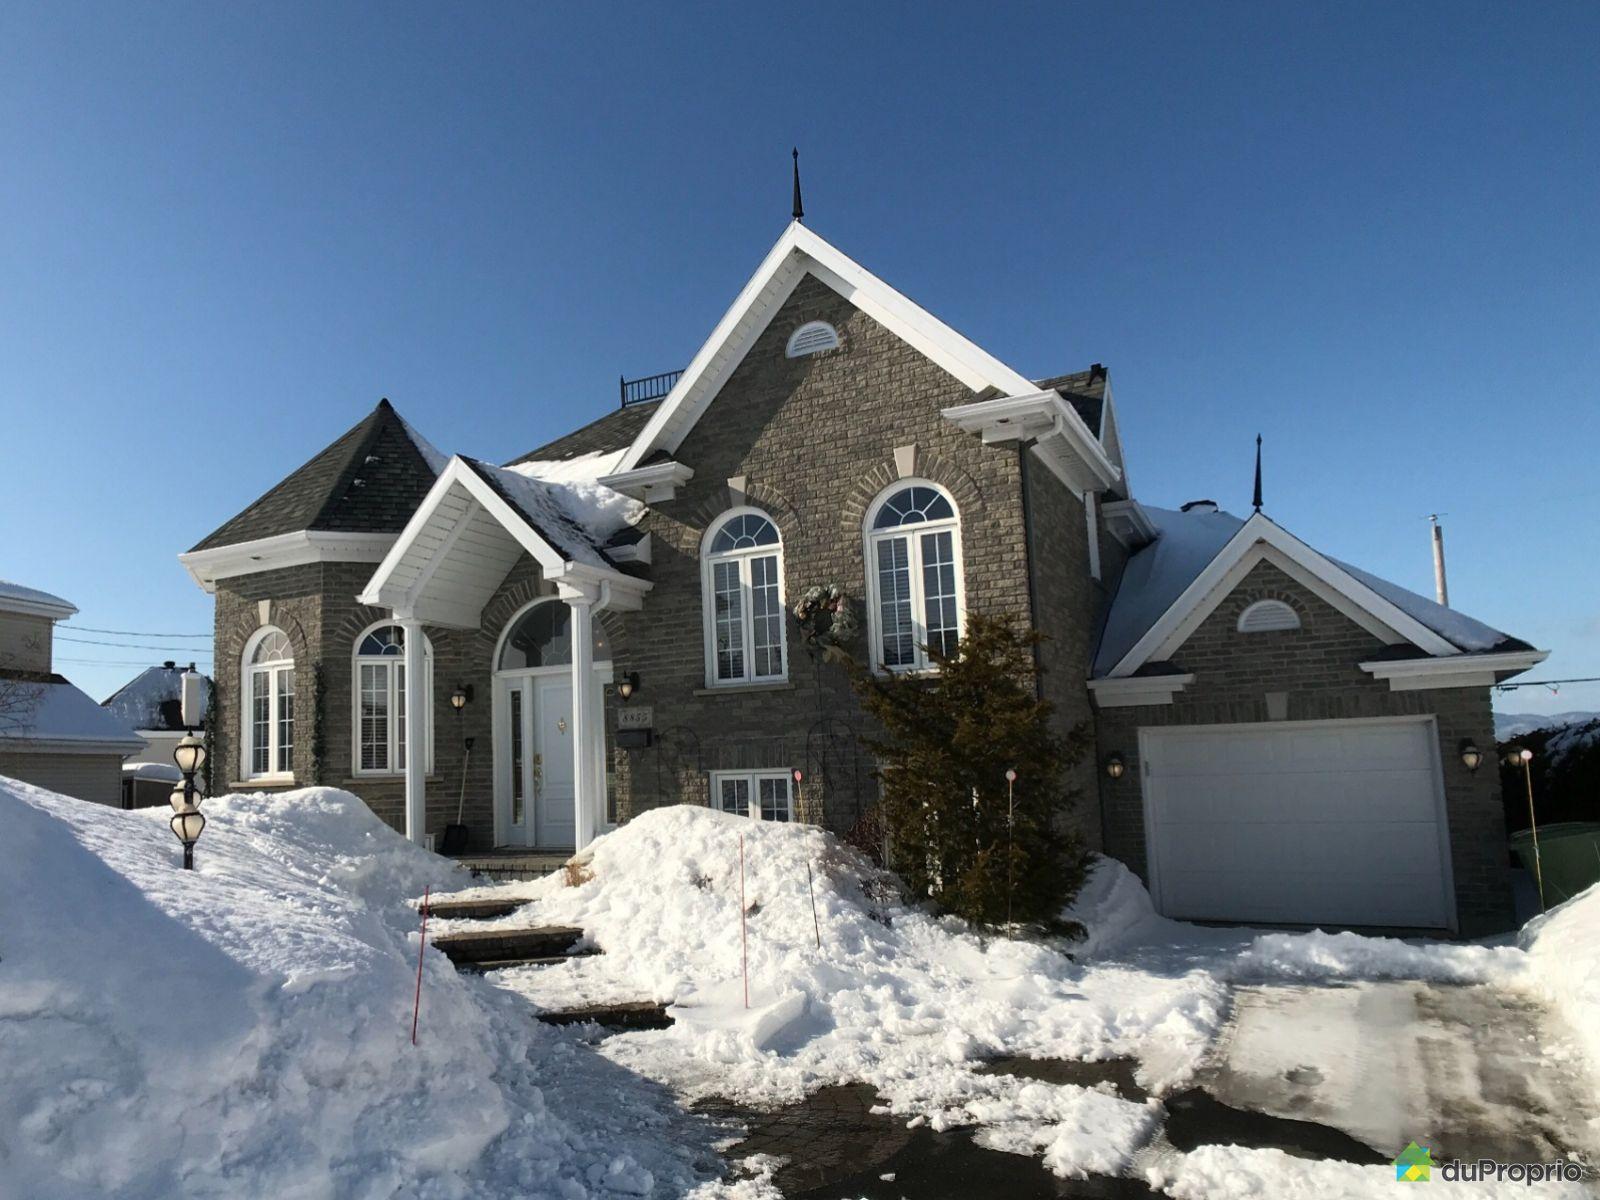 Winter Front - 8855 rue des Noisetiers, Lévis for sale